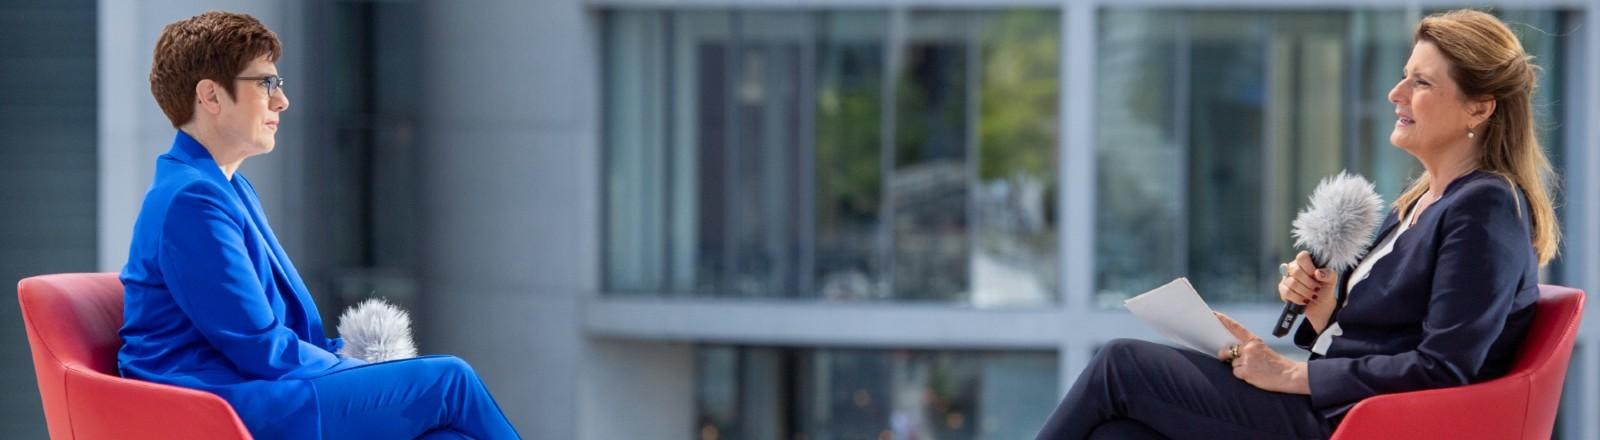 Annegret Kramp-Karrenbauer, Bundesministerin der Verteidigung und CDU-Bundesvorsitzende beim ARD-Sommerinterview mit Moderatorin Tina Hassel, Juli 2020.